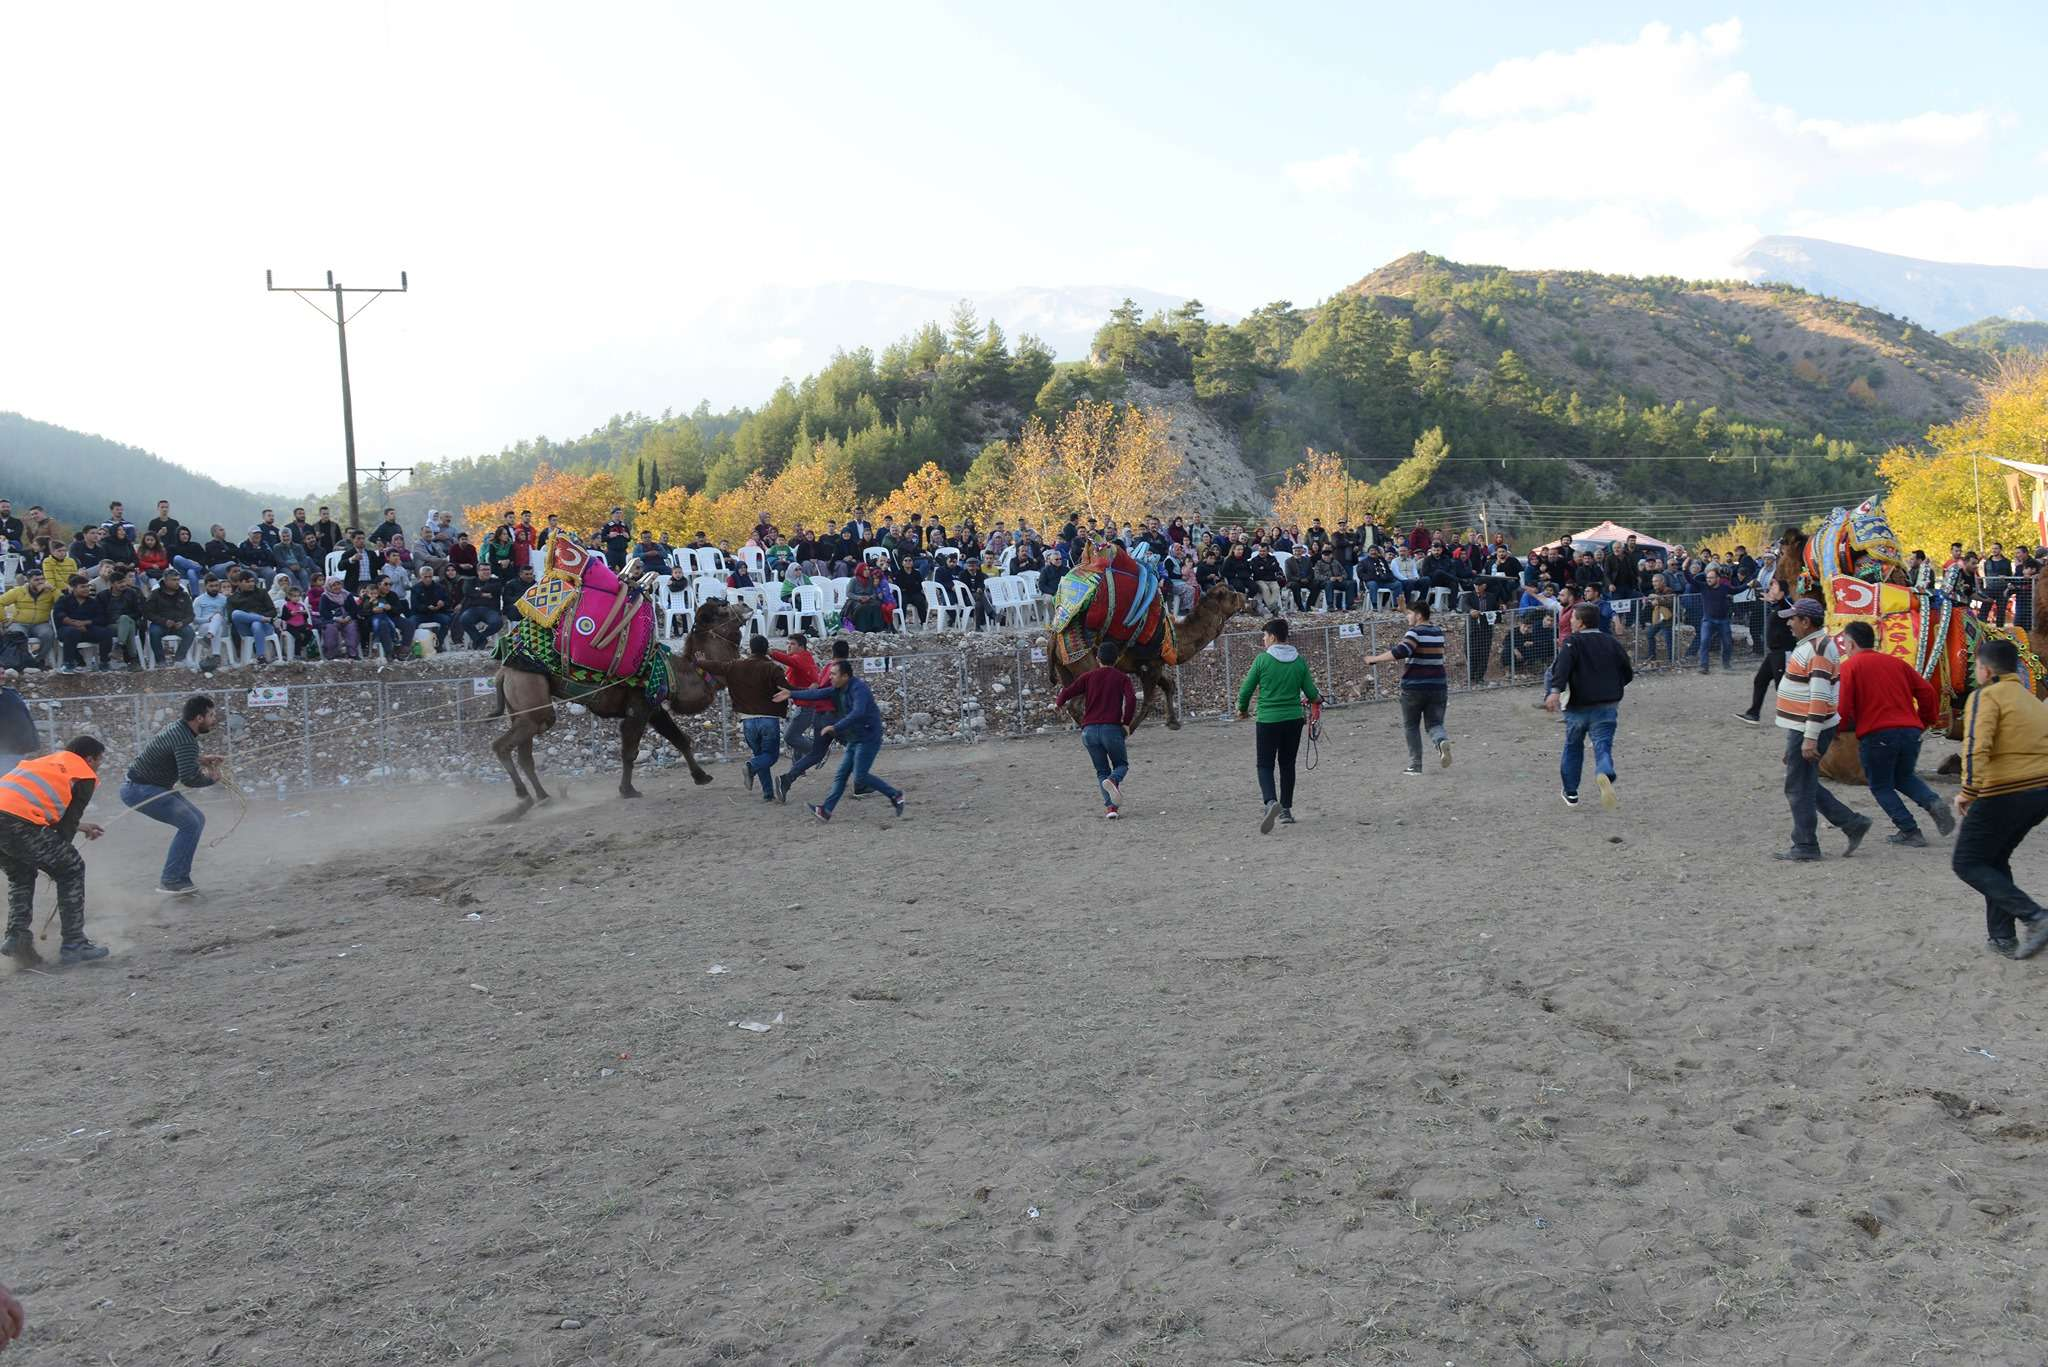 geleneksel-karacaoren-karabuk-deve-guresleri-festivali-1718